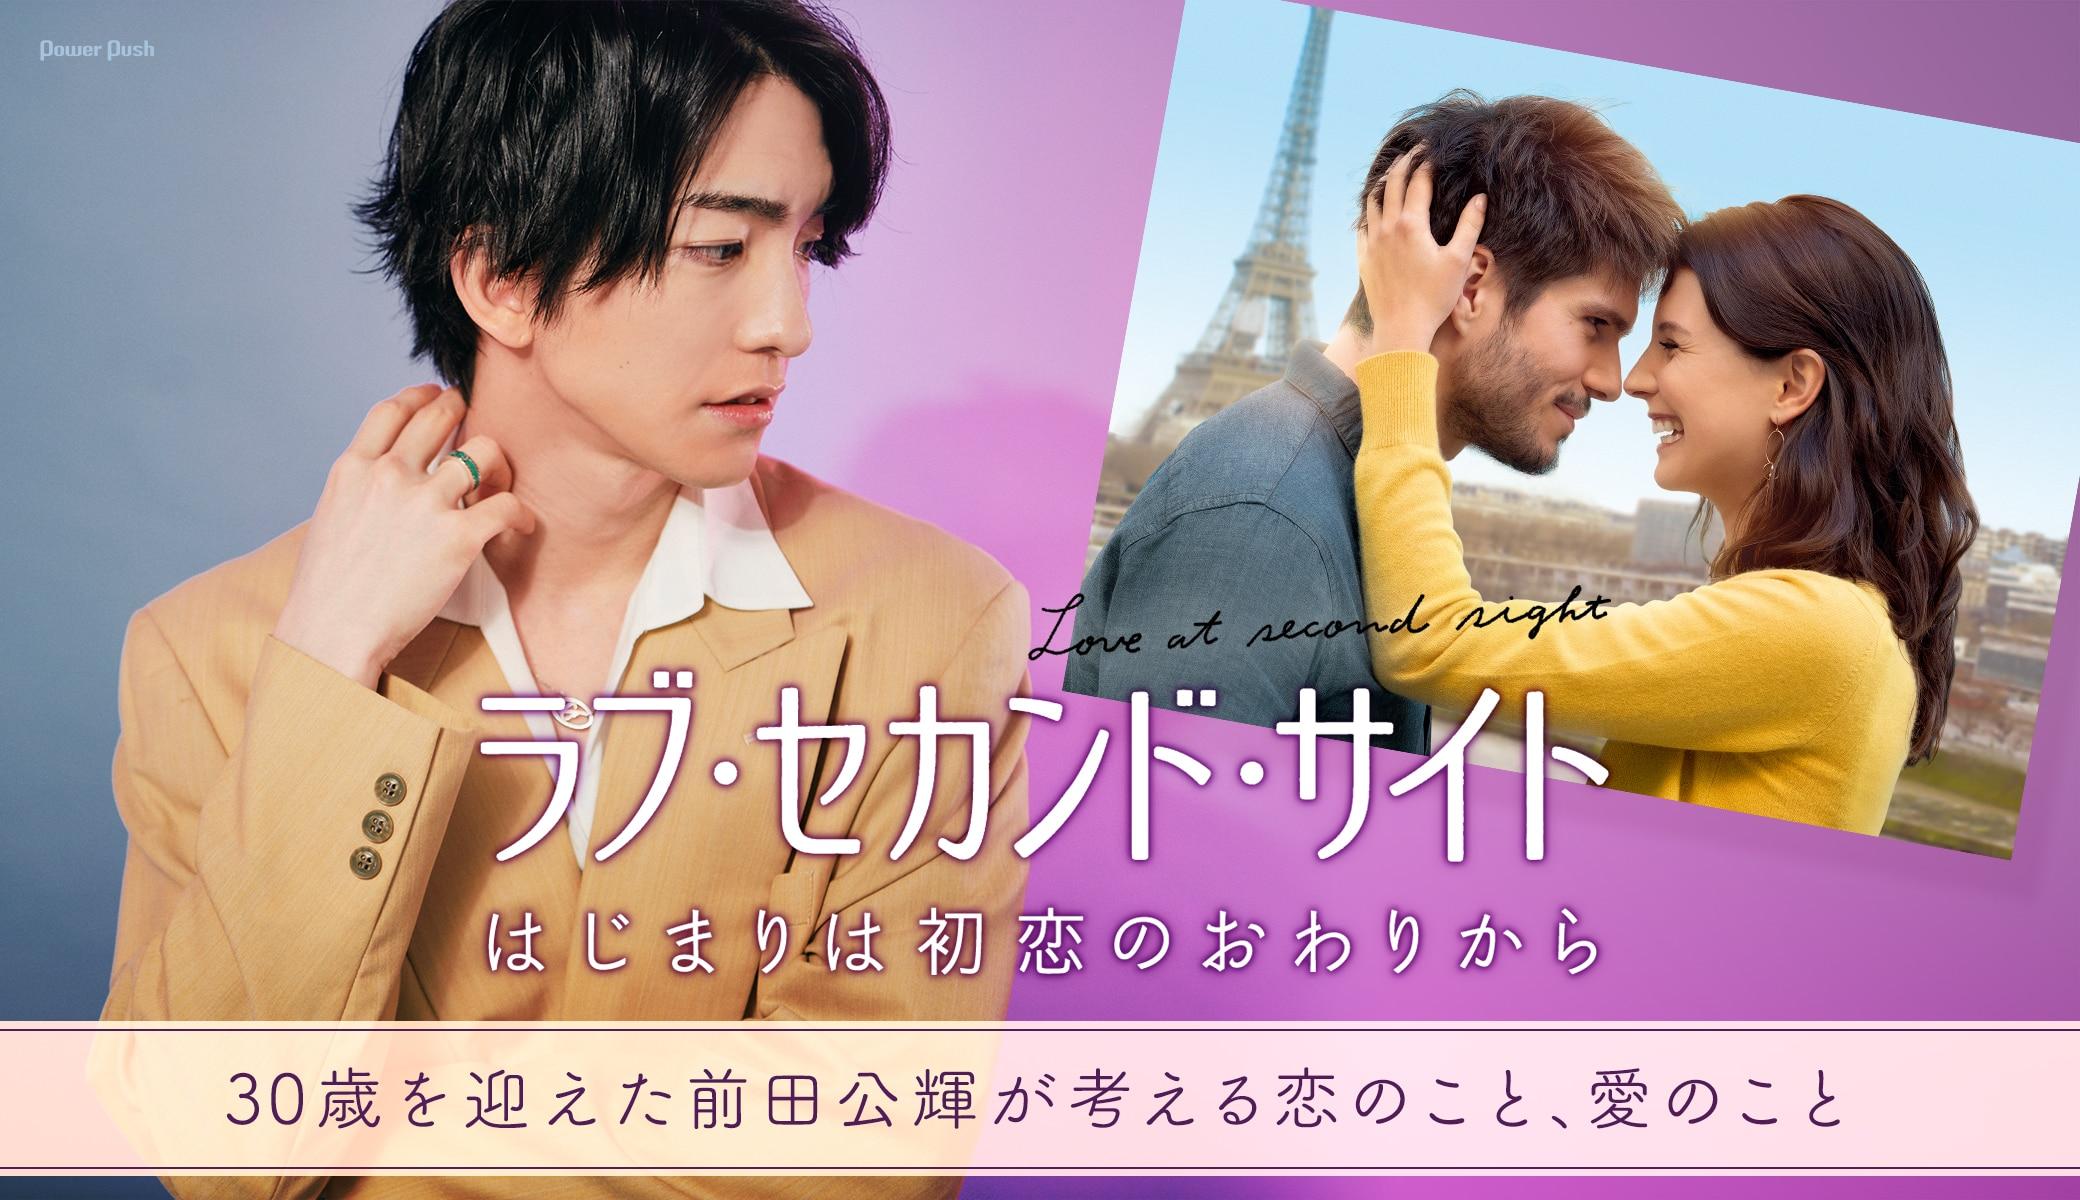 「ラブ?セカンド?サイト はじまりは初恋のおわりから」|30歳を迎えた前田公輝が考える恋のこと、愛のこと